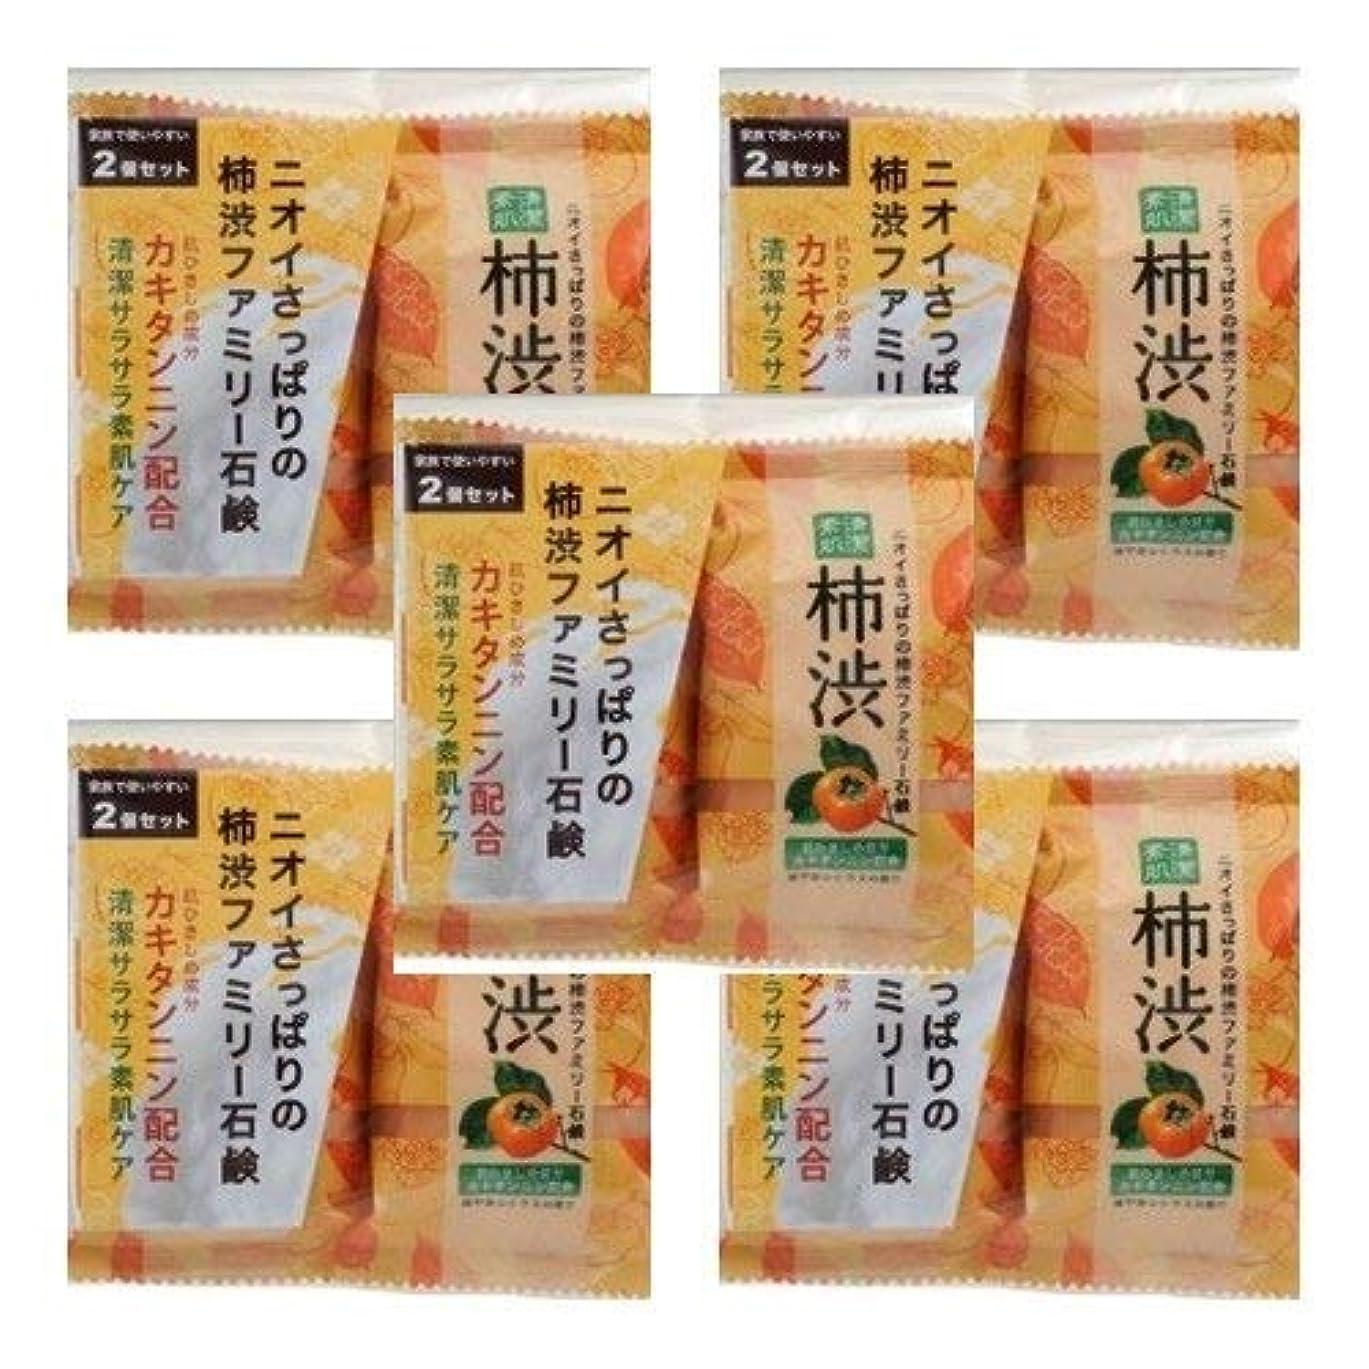 着飾る輸血バンカーペリカン石鹸 ファミリー柿渋石けん 2個入×5点セット